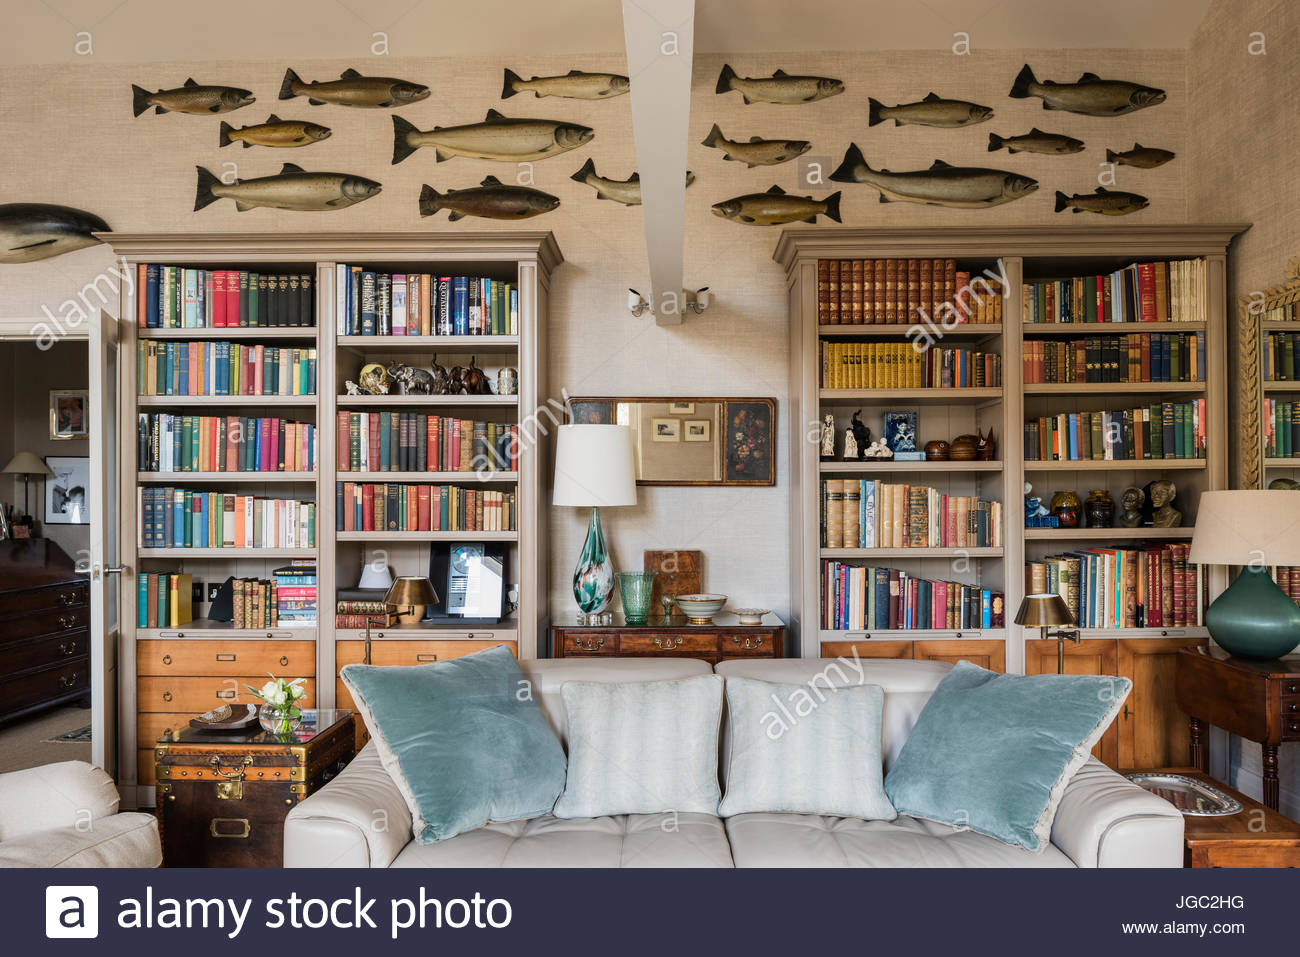 AuBergewohnlich Sammlung Von Wand Fisch über Bücherregale Im Wohnzimmer